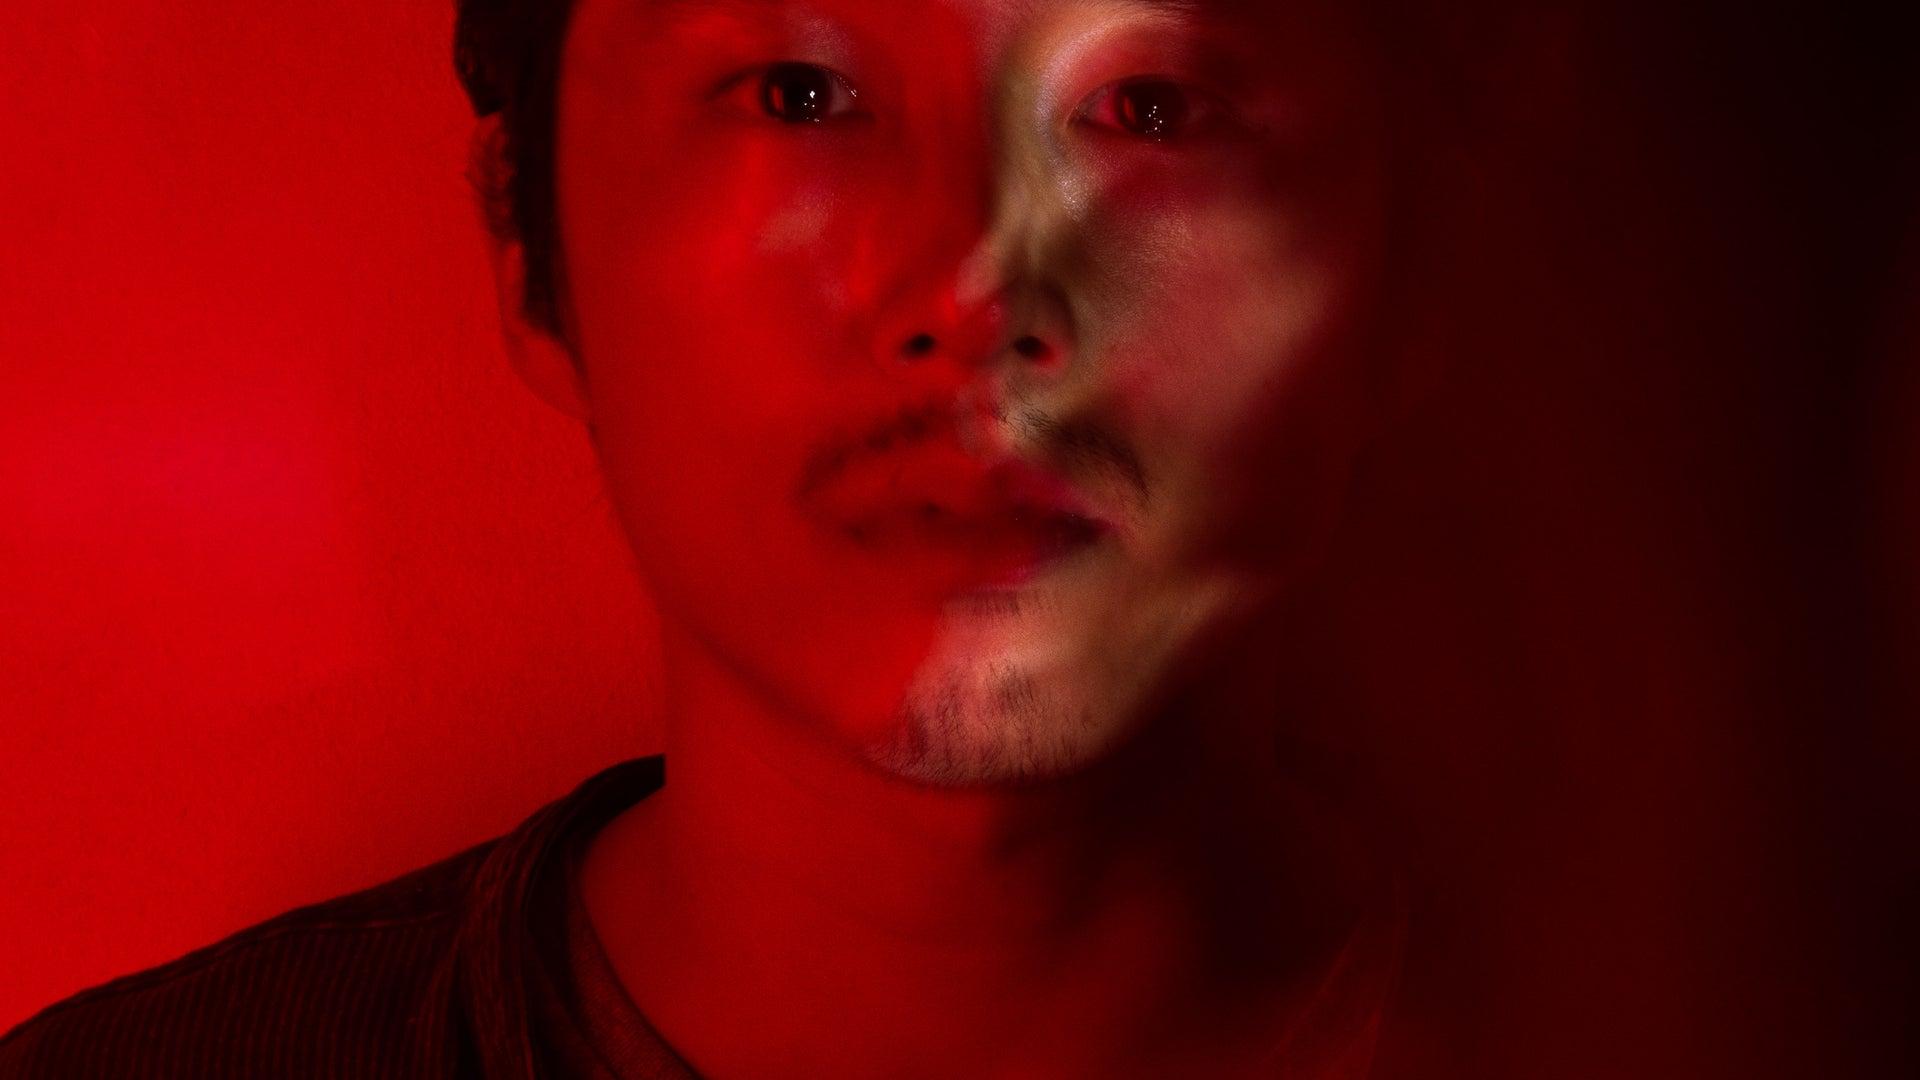 Steven Yeun as Glenn Rhee - The Walking Dead, Season 7